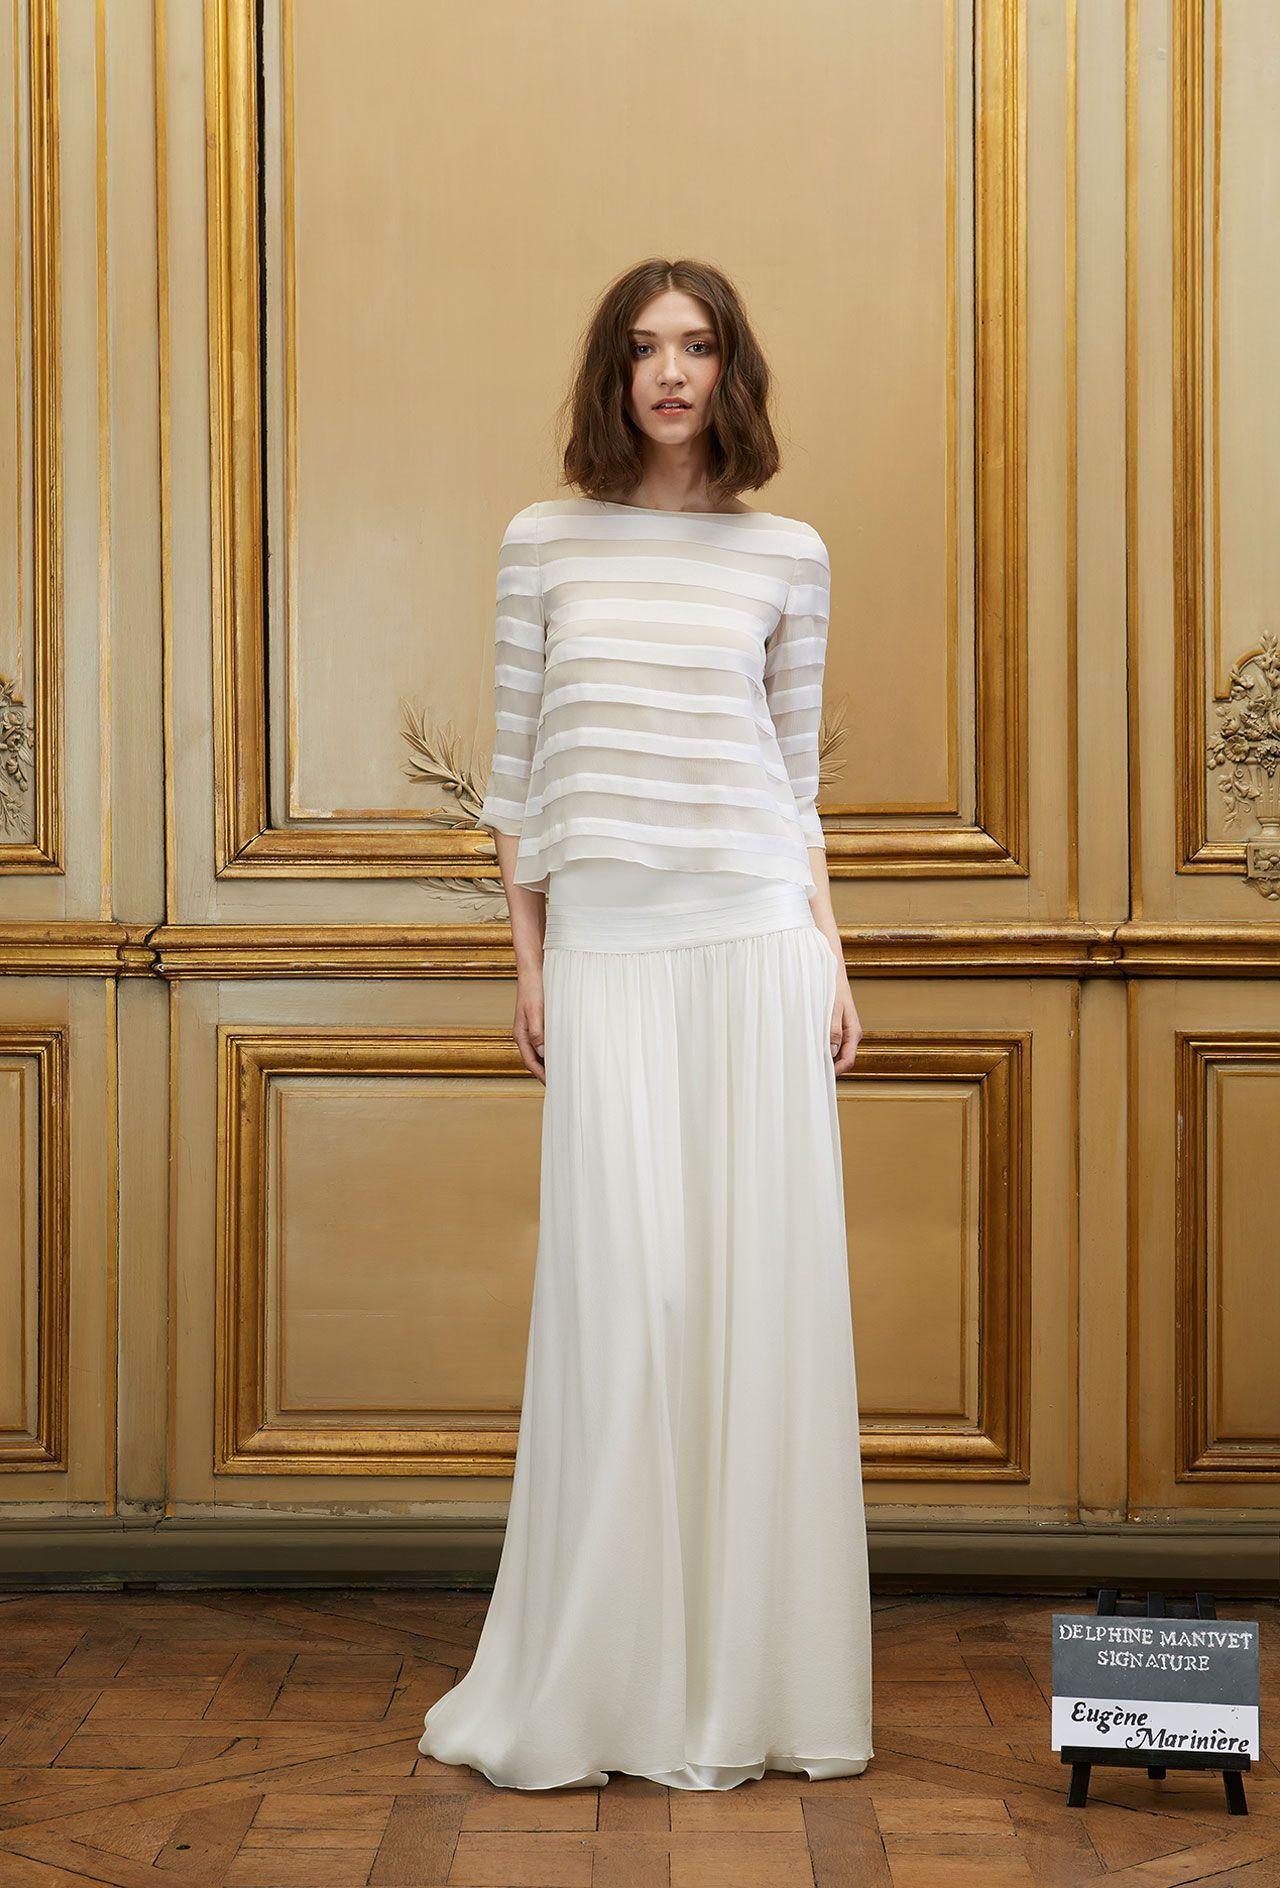 Jupe de mariée Eugène & Marinière - Signature Collection - Robes de ...